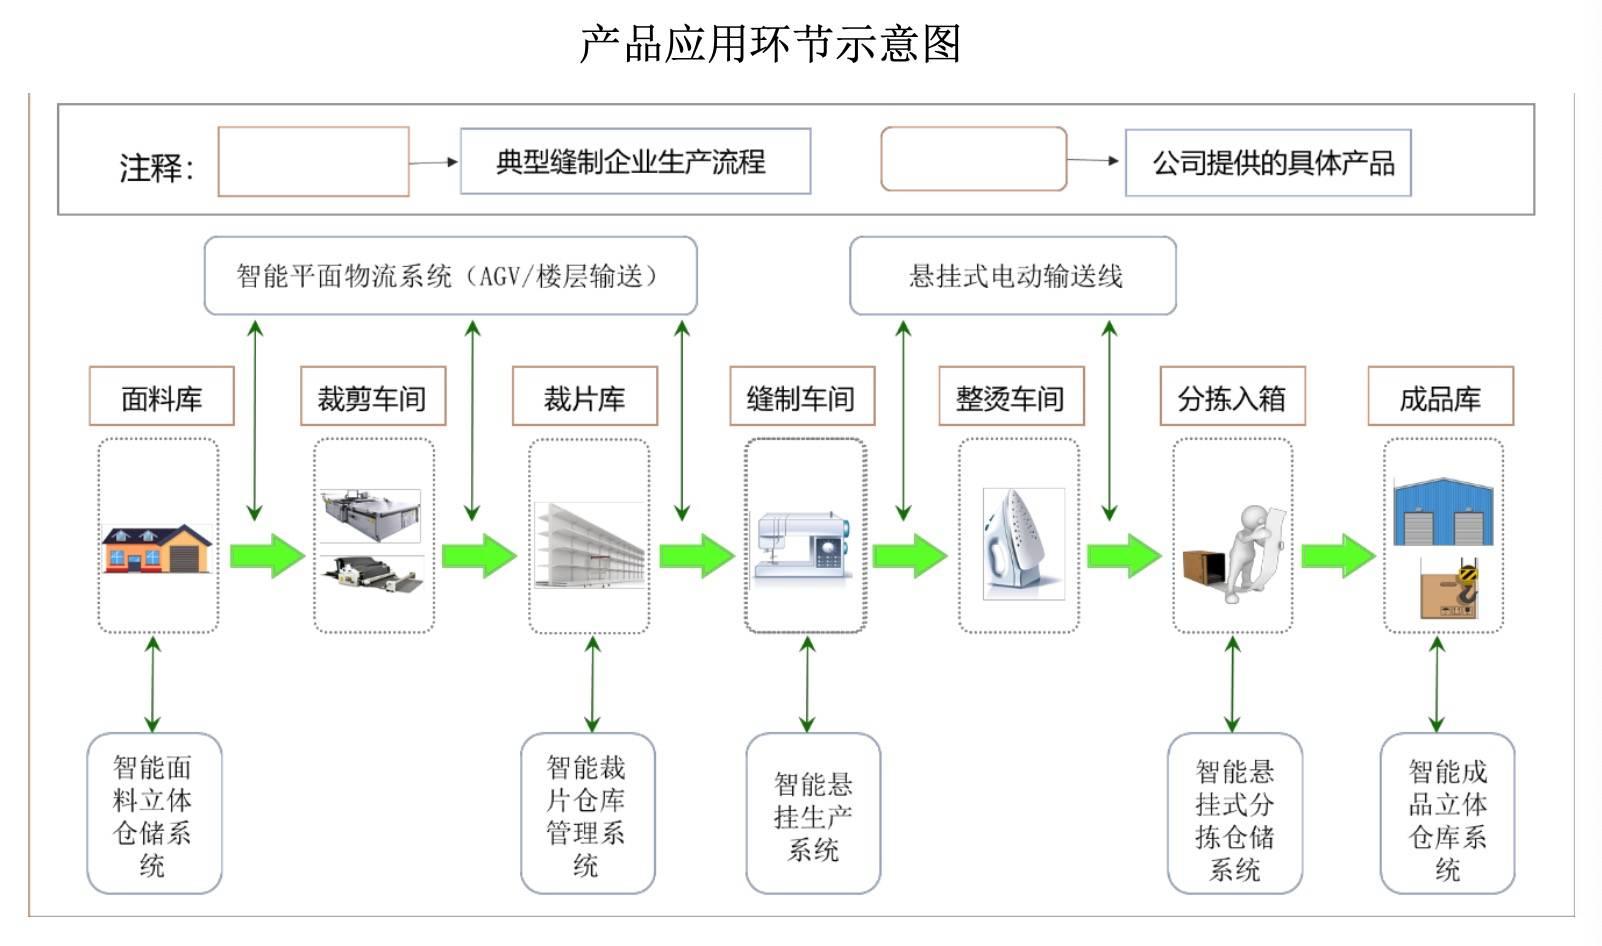 瑞晟智能产品应用环节示意图.jpeg